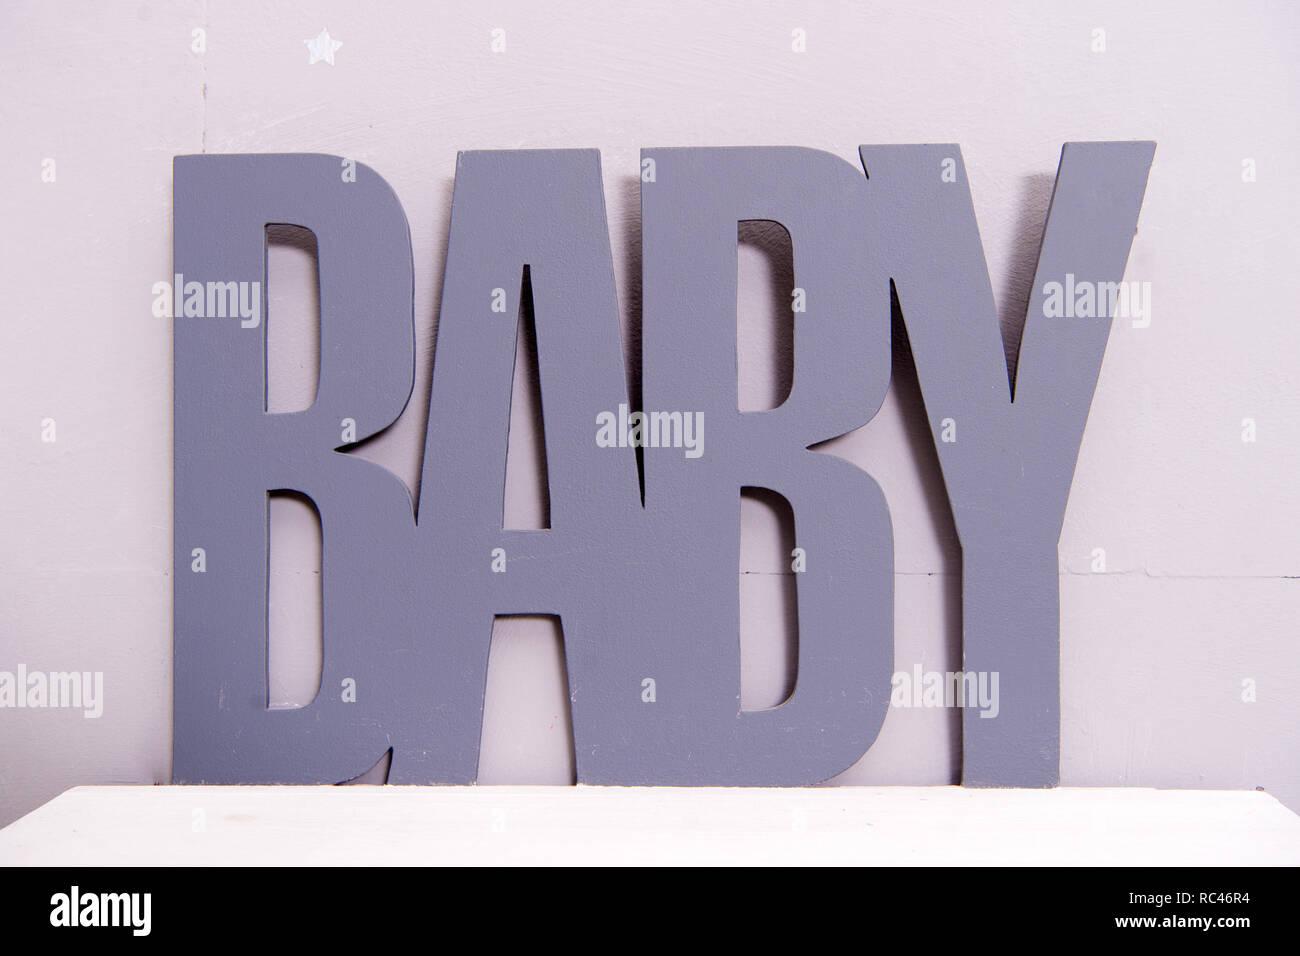 Beb hermosas decoraciones para baby shower fiesta la for Decoracion pared bebe nino